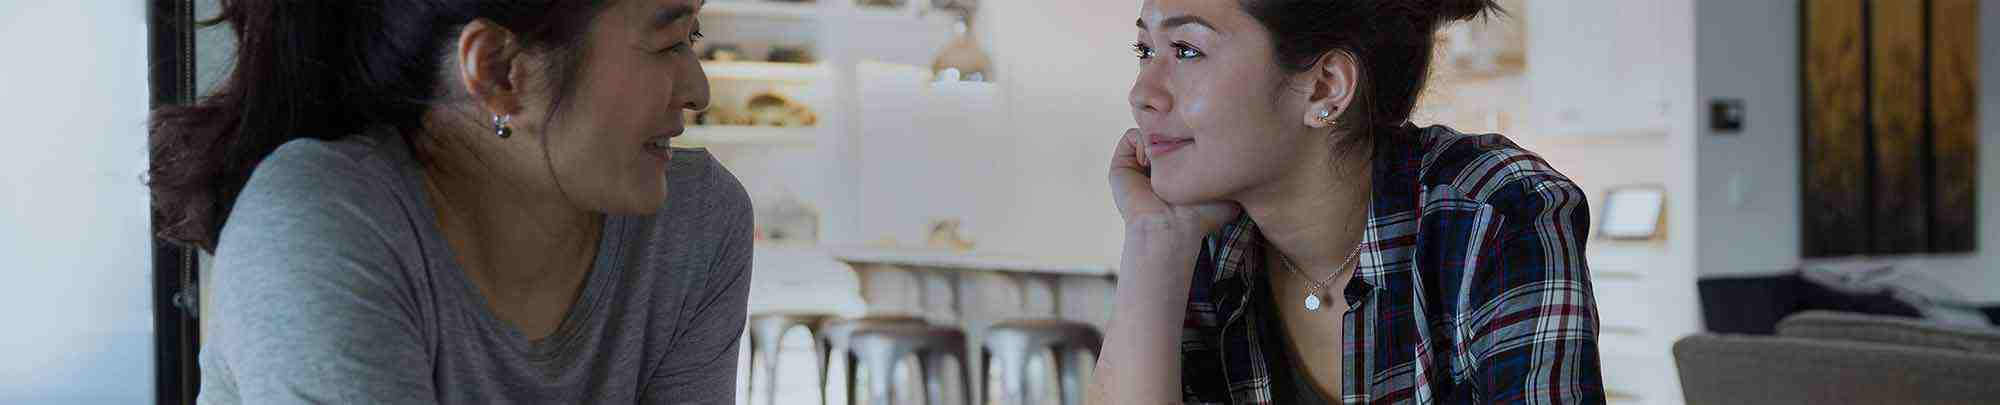 Eine junge Frau spricht mit ihrer Mutter in der Küche.